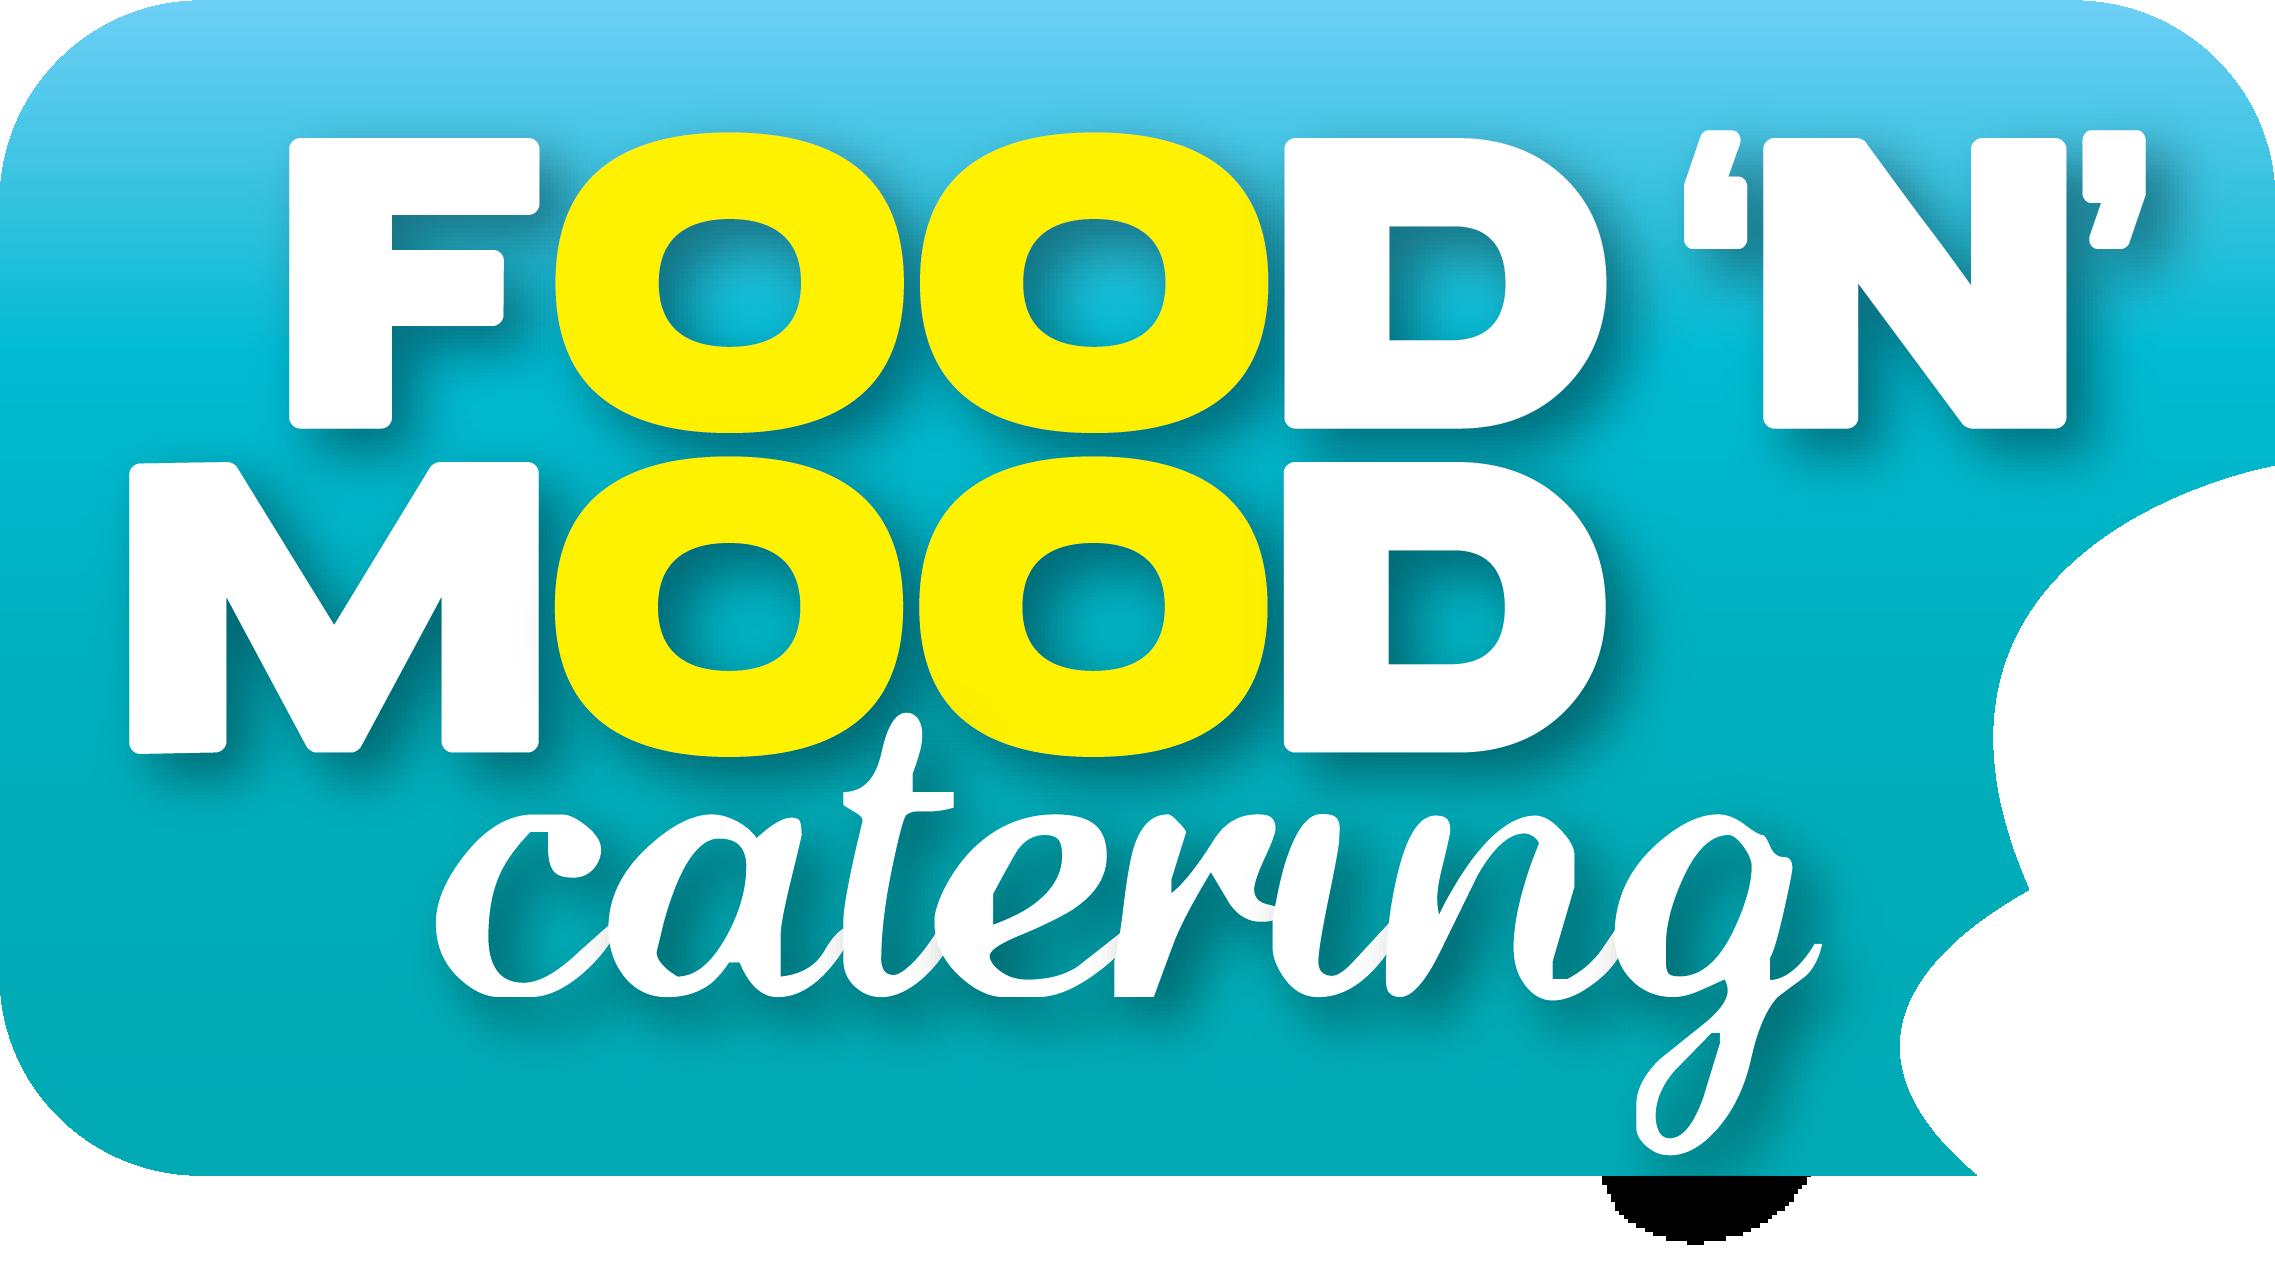 Food 'N' Mood catering